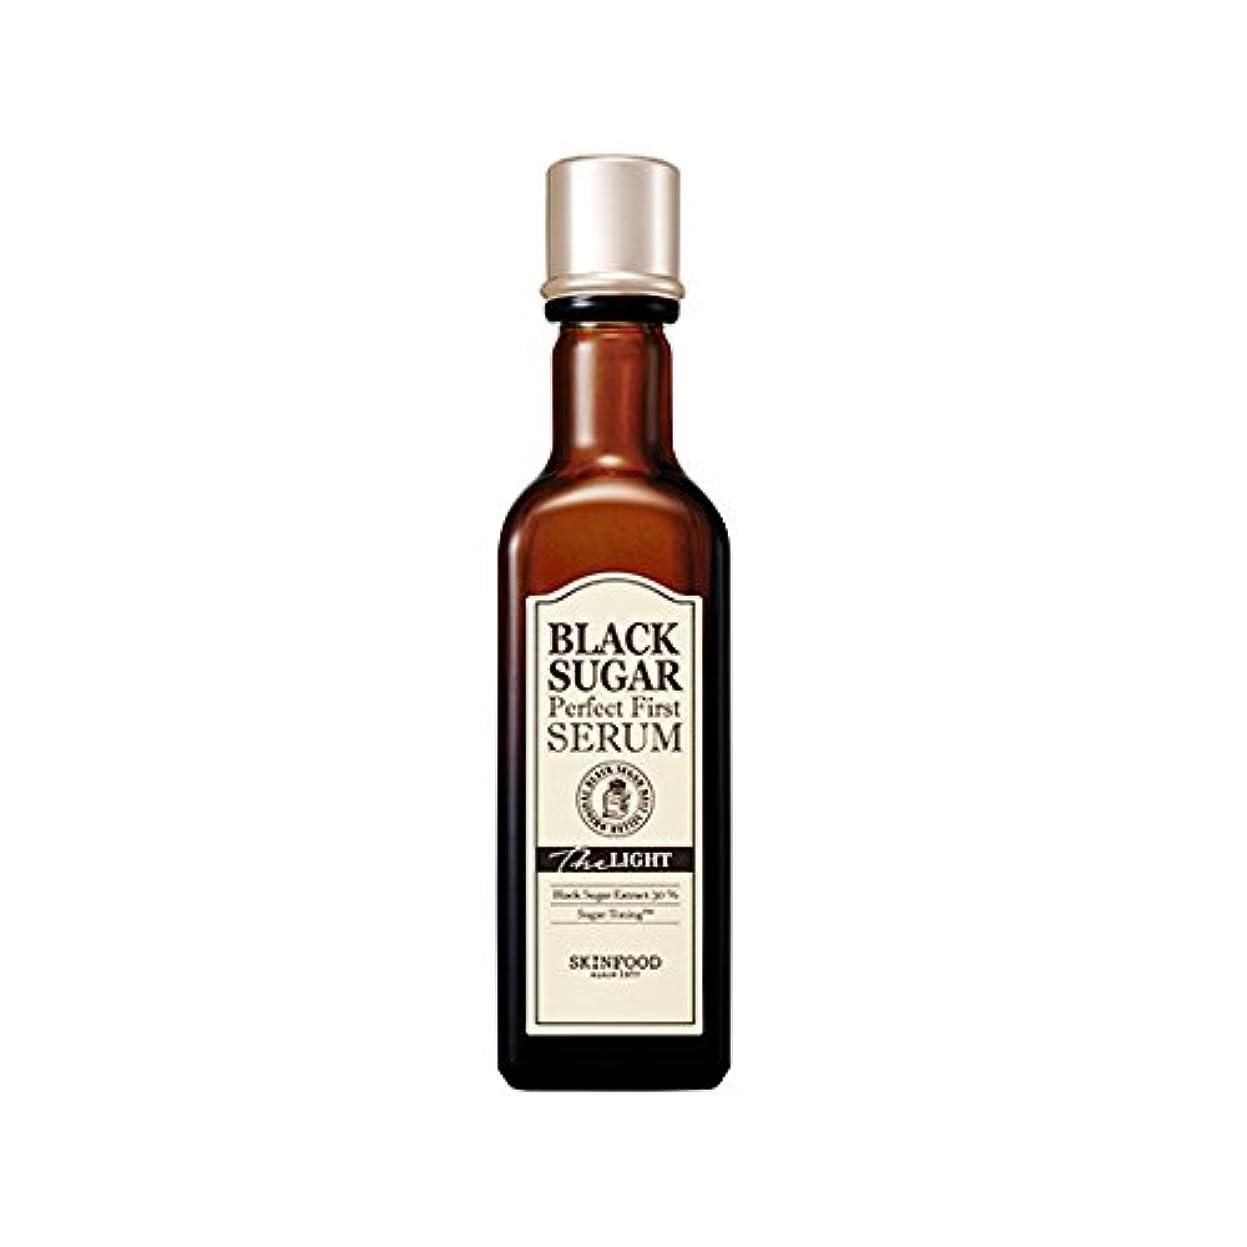 首尾一貫した強制神話Skinfood black sugar perfect first serum the light/黒糖完全最初血清ライト/120ml + 60? [並行輸入品]